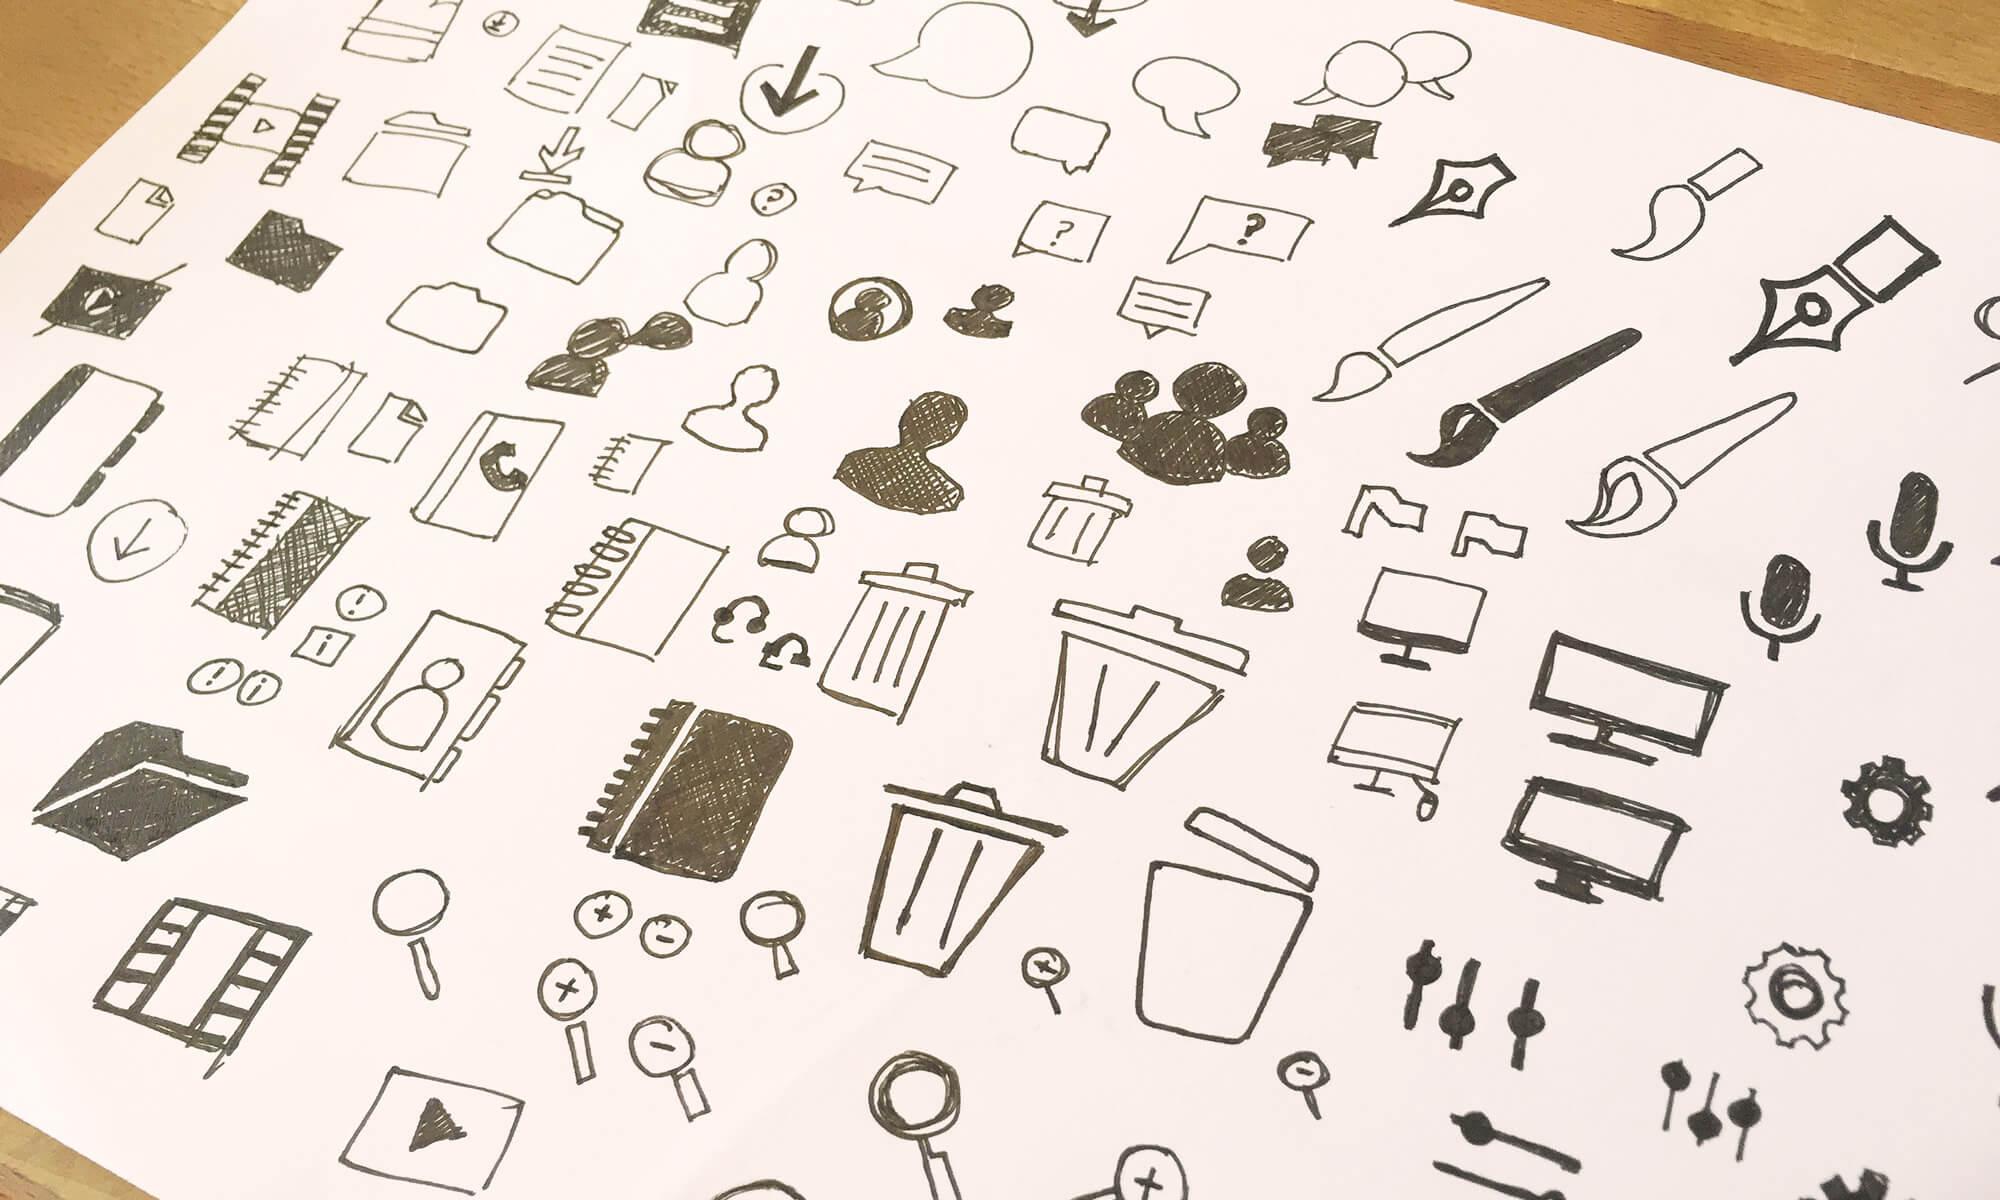 Rough exploration around the icon metaphors.